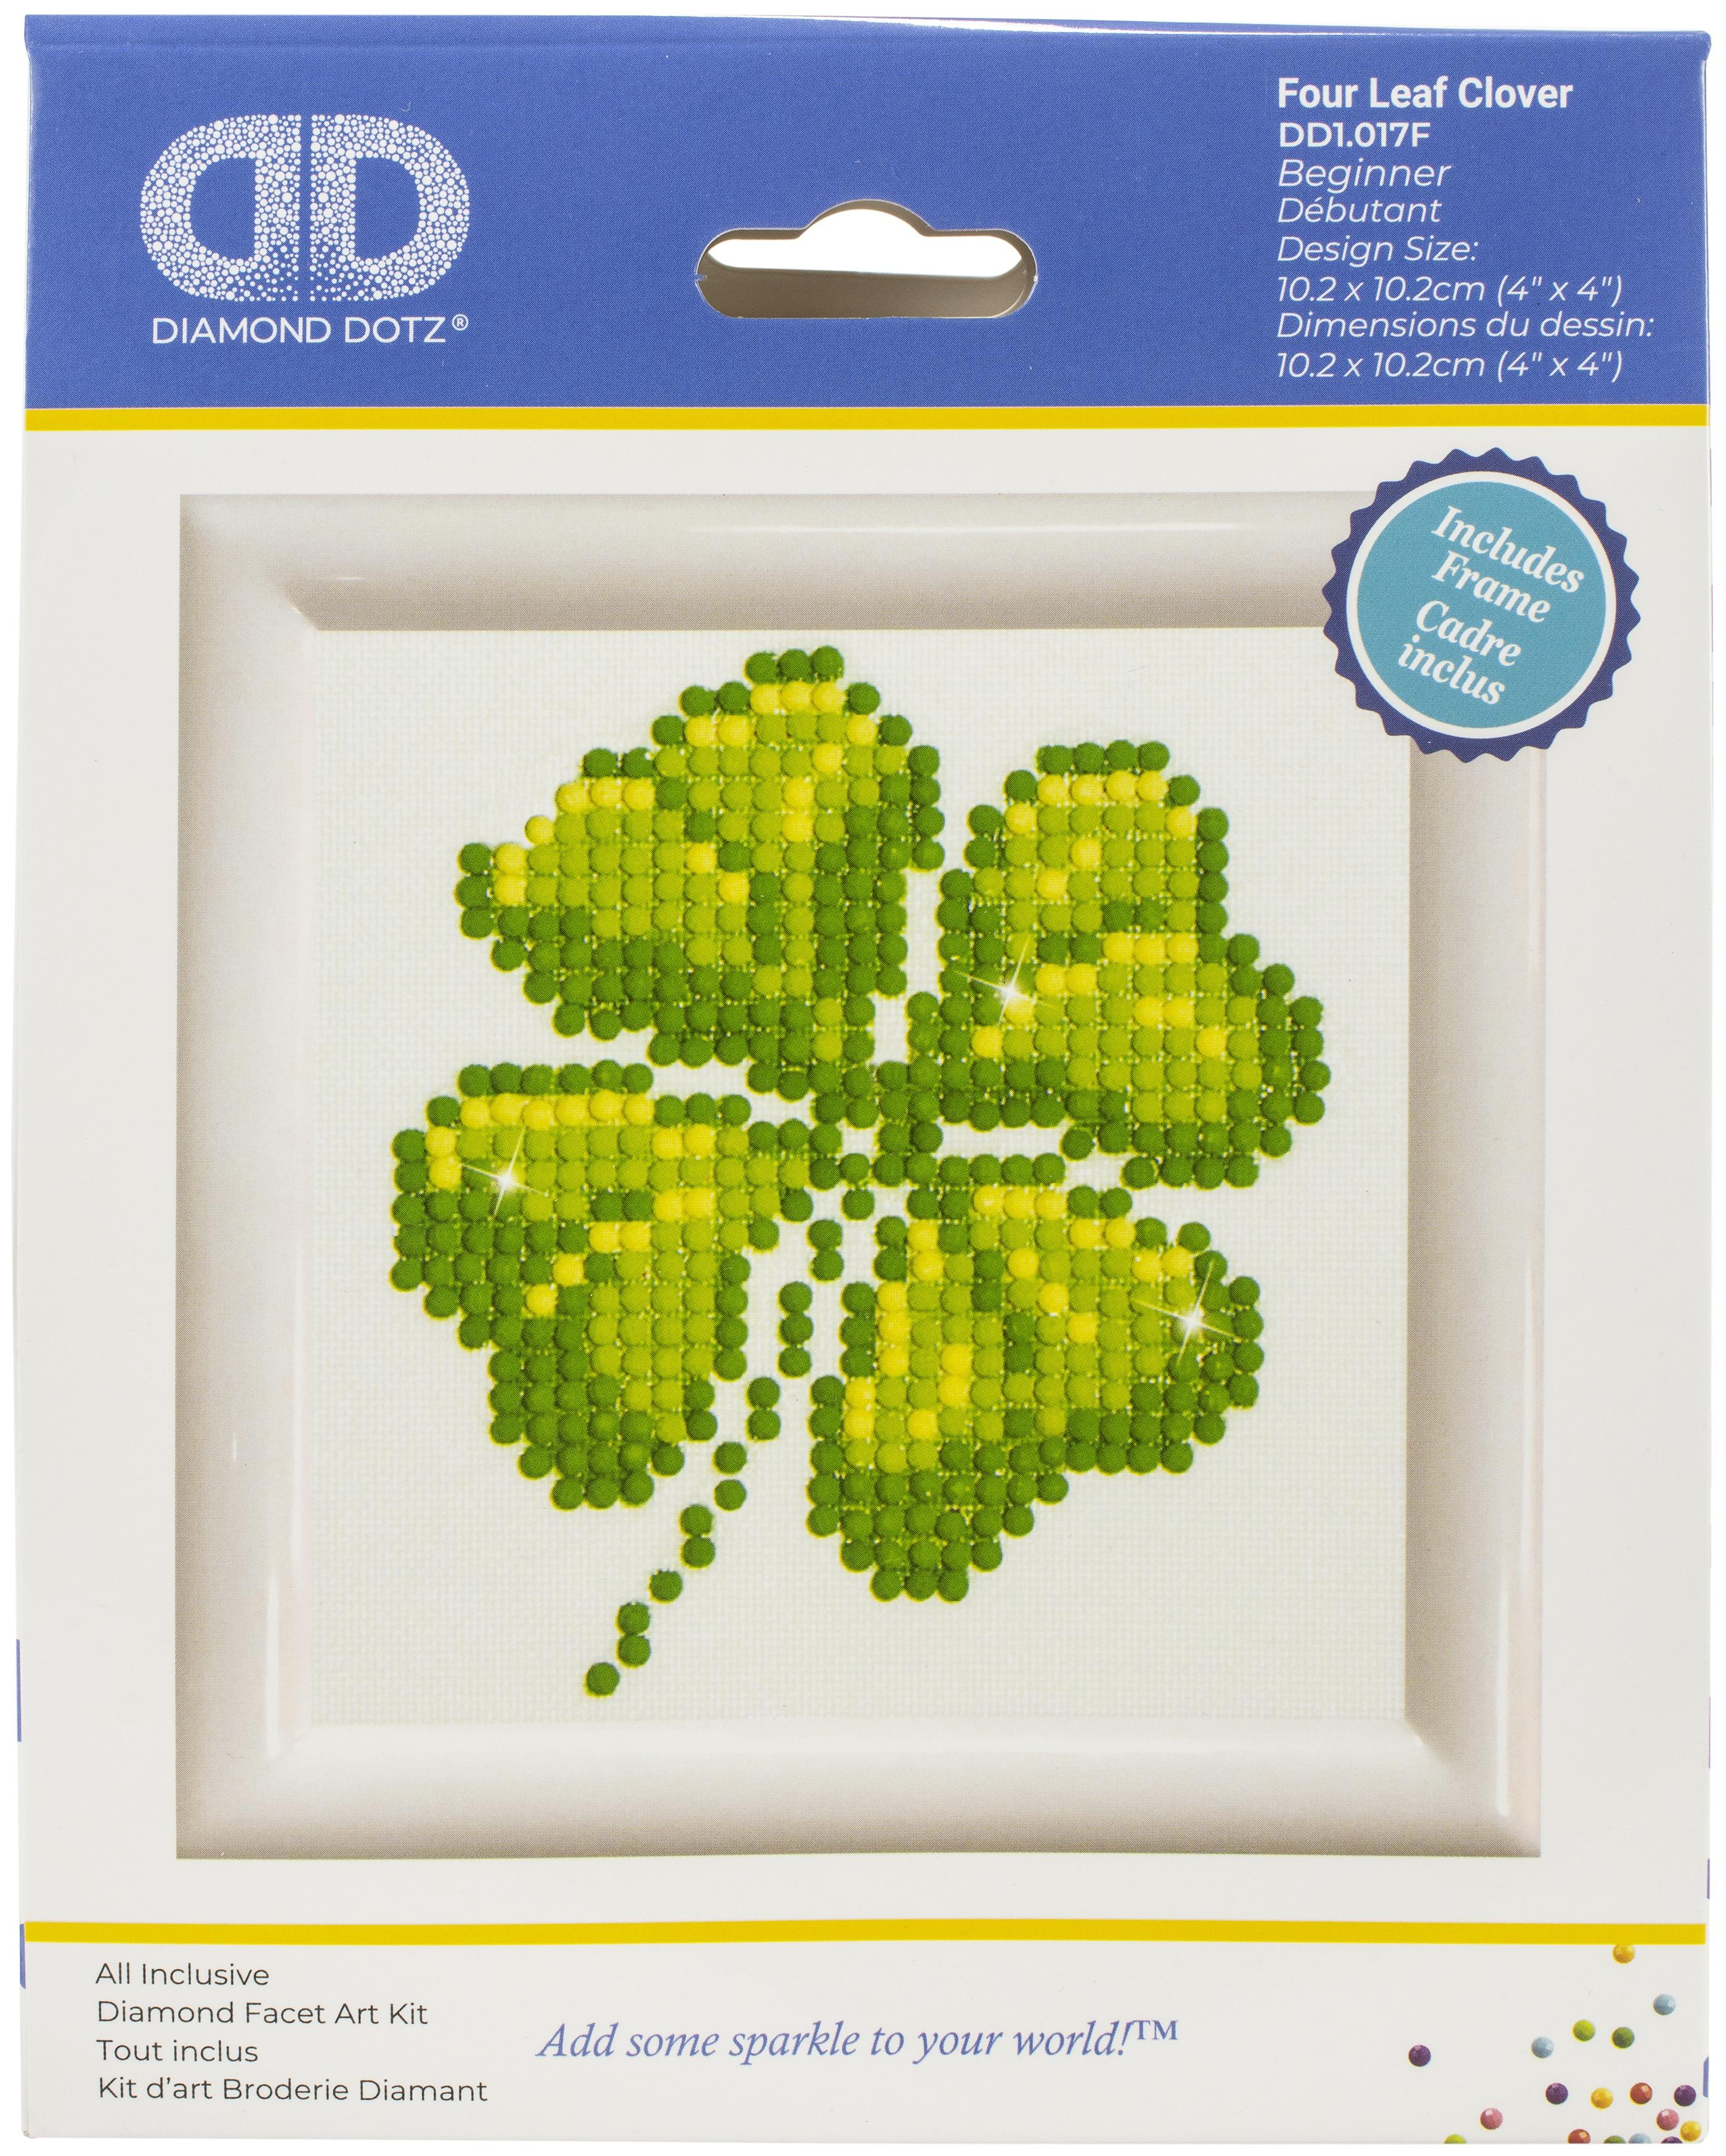 Diamond Dotz Diamond Embroidery Facet Art Kit W/ Frame-Four Leaf Clover W/ White Frame